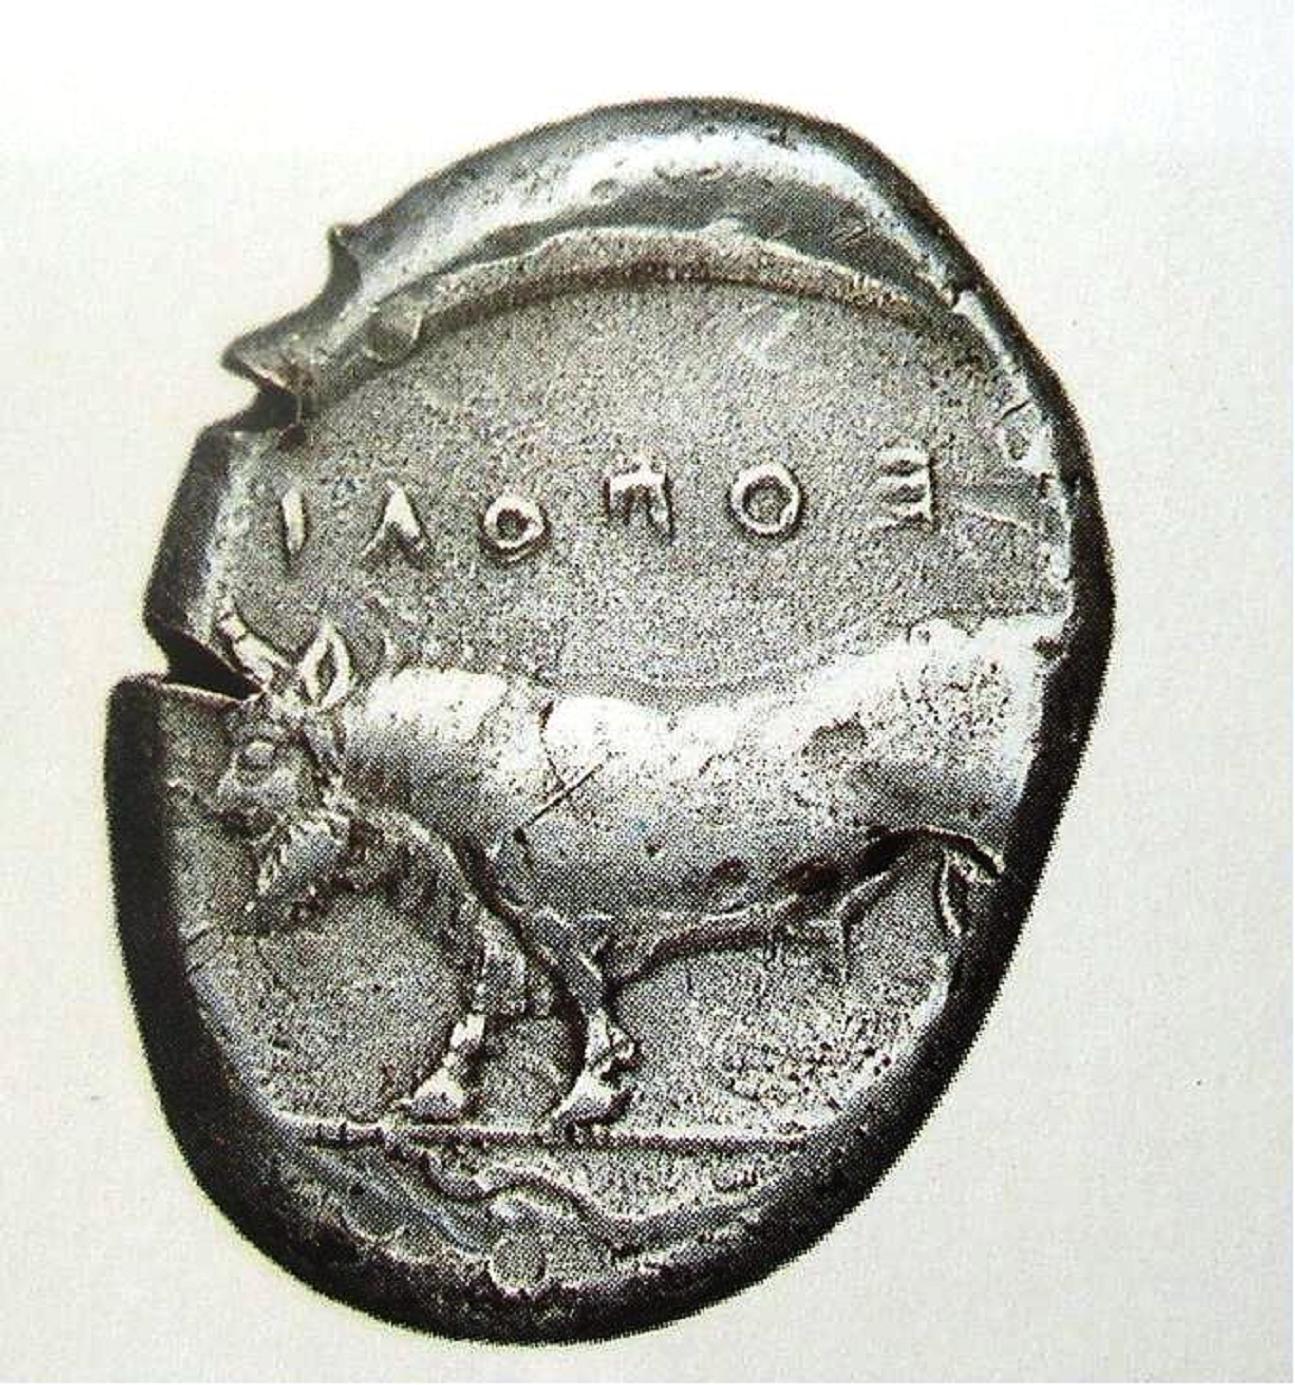 Νόμισμα της Νεάπολης, αποικίας της Κύμης, με έμβλημα ανθρωπόμορφου ταύρου, αγαπητό σε Έλληνες, Ετρούσκους και εντόπιους της Καμπανίας. Ο ανθρωπόμορφος ταύρος ήταν δημοφιλής και στην Κύμη και συνεπώς χρησιμοποιείτο ως έμβλημα στις επιφάνειες των ασπίδων αρκετών οπλιτών της.